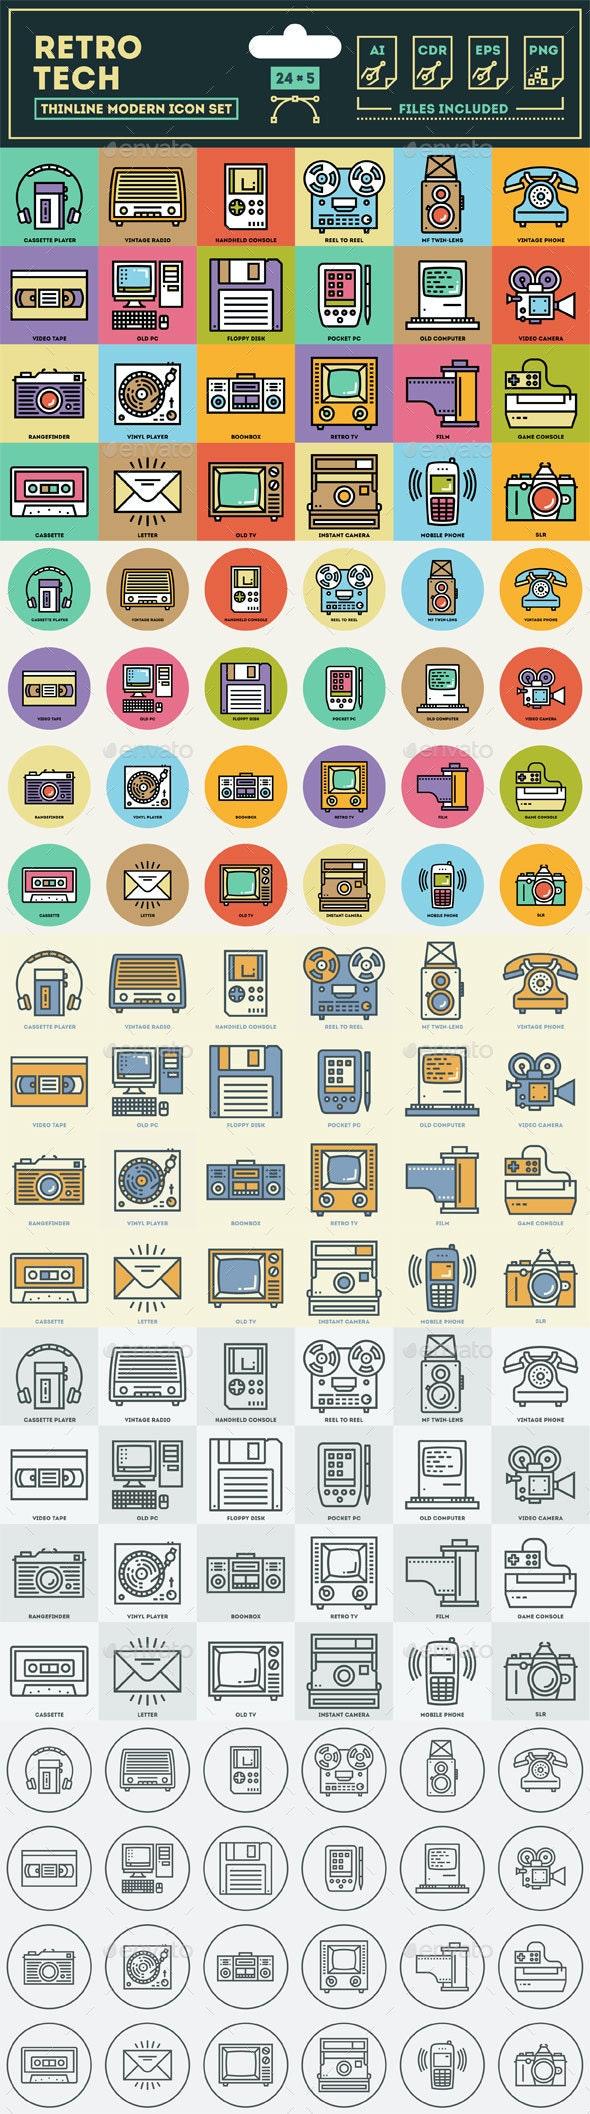 Retro Technology Icon Set